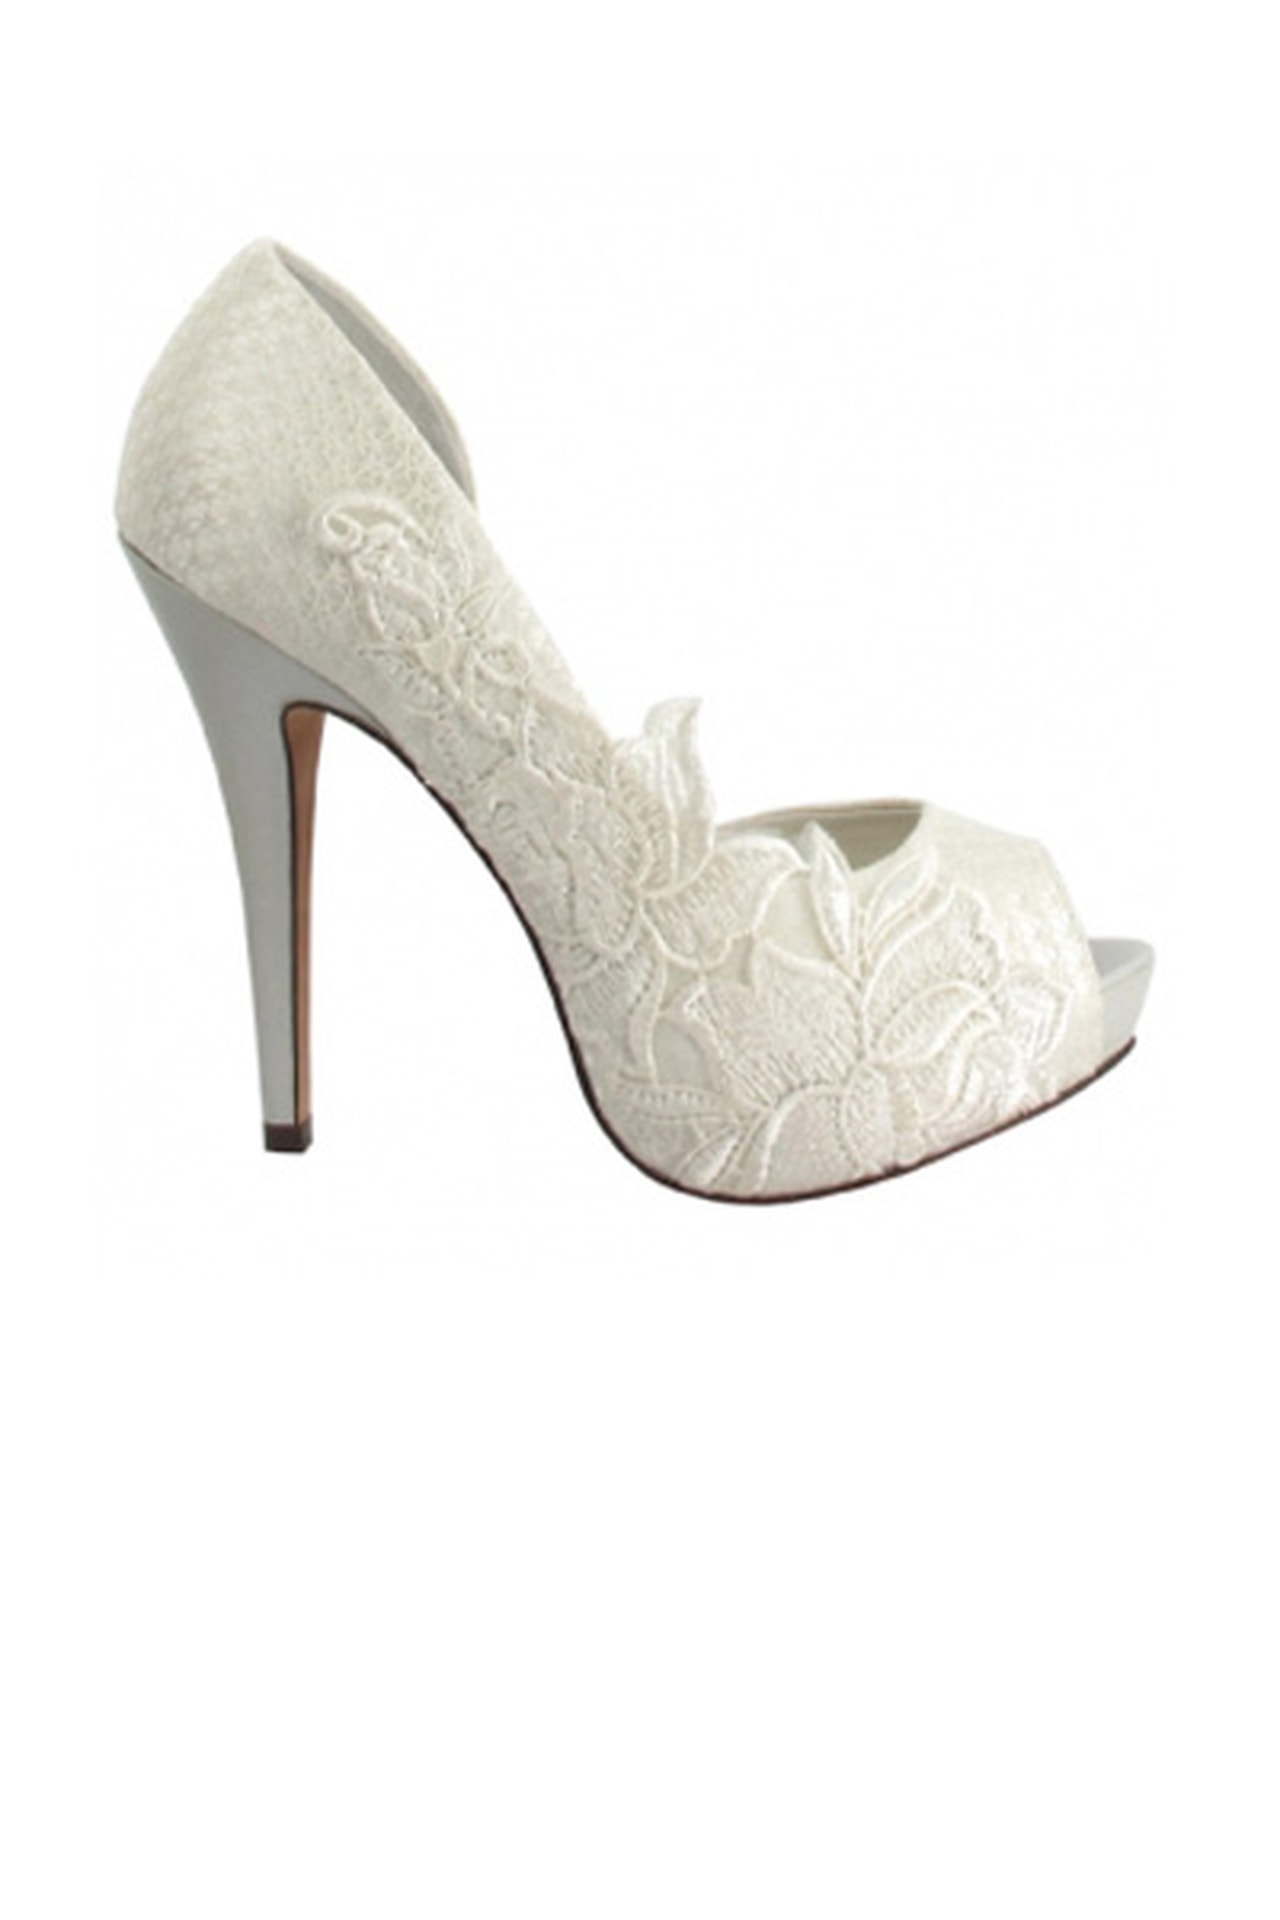 بالصور احذية عرايس كعب عالي , احذية بيضاء لاجمل عروس 5152 2